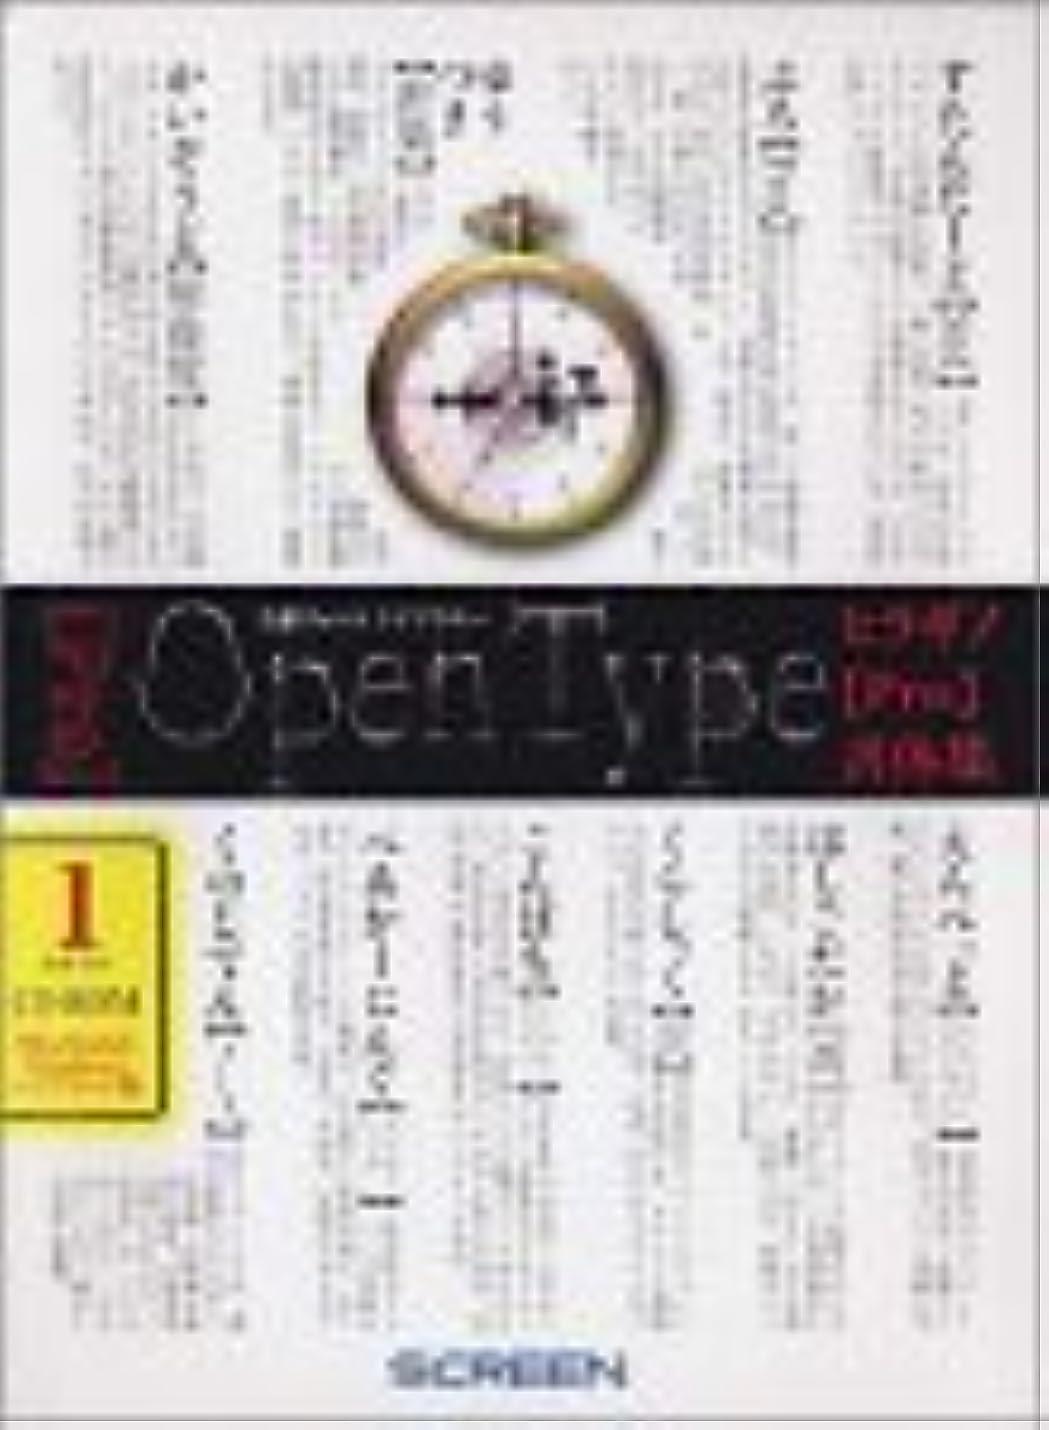 ご近所財産ロードされたヒラギノPro書体集 セレクト 1 OpenType